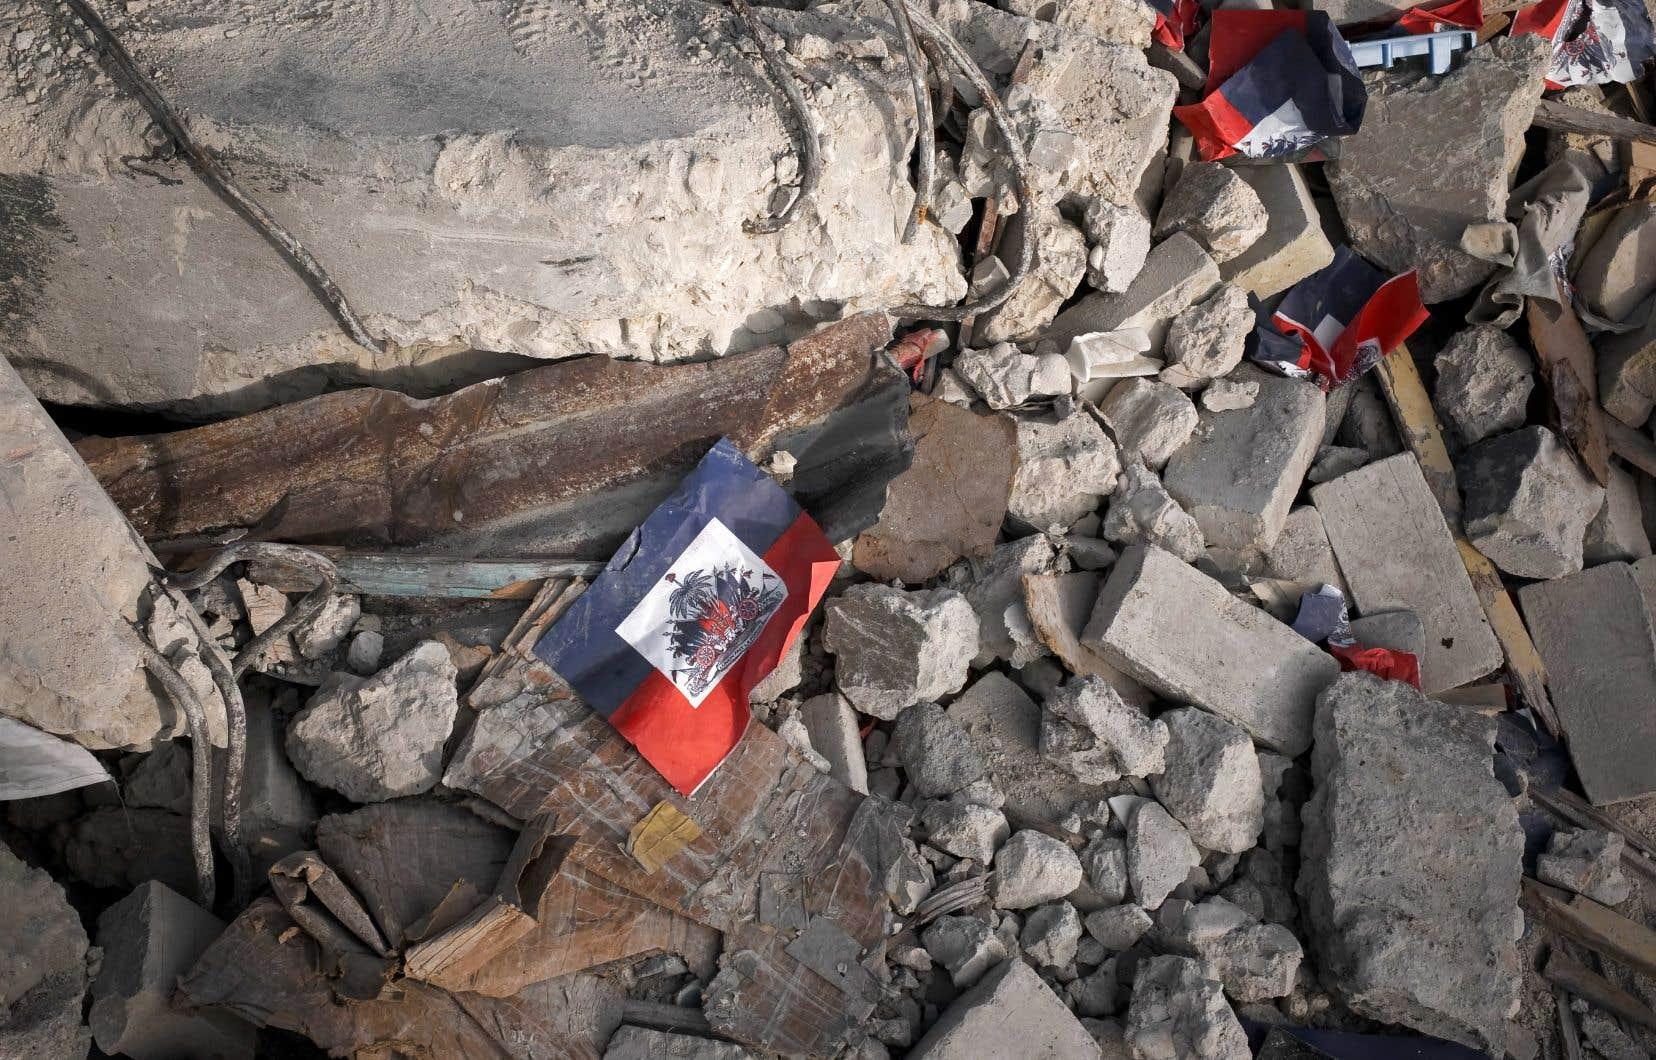 <p>Oxfam avait déployé une mission humanitaire en Haïti après le séisme qui a fait près de 300000 morts en janvier 2010.</p>